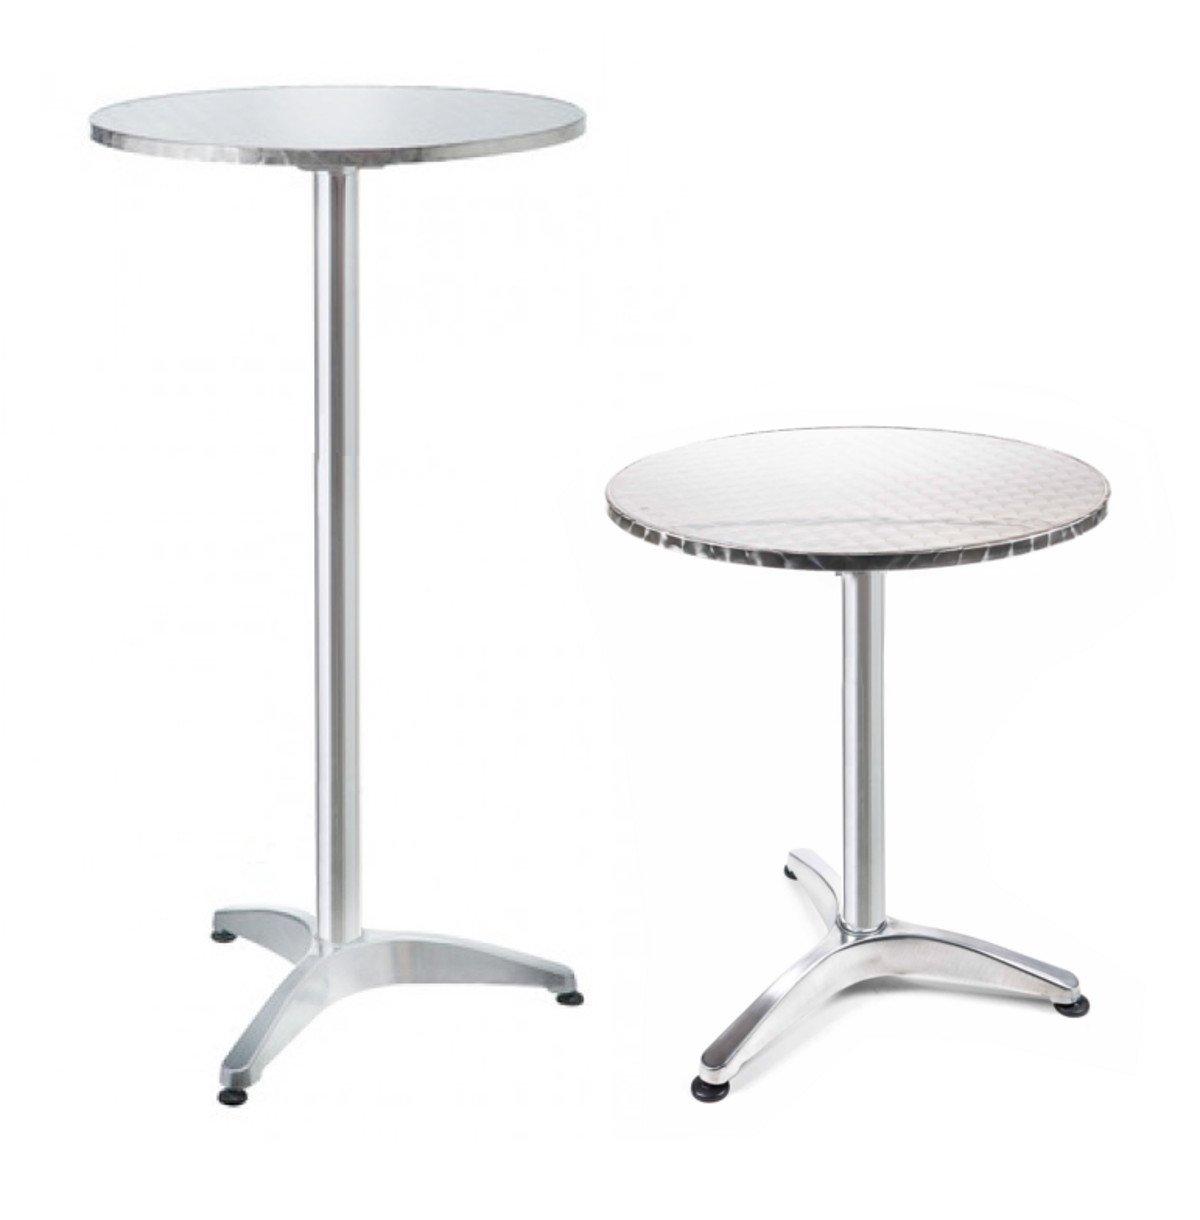 Stehtisch, Stehtisch, Stehtisch, Bistrotisch höhenverstellbar ca. 75 114 cm, Rund Ø 60 cm, Tischplatte klappbar 7b8292